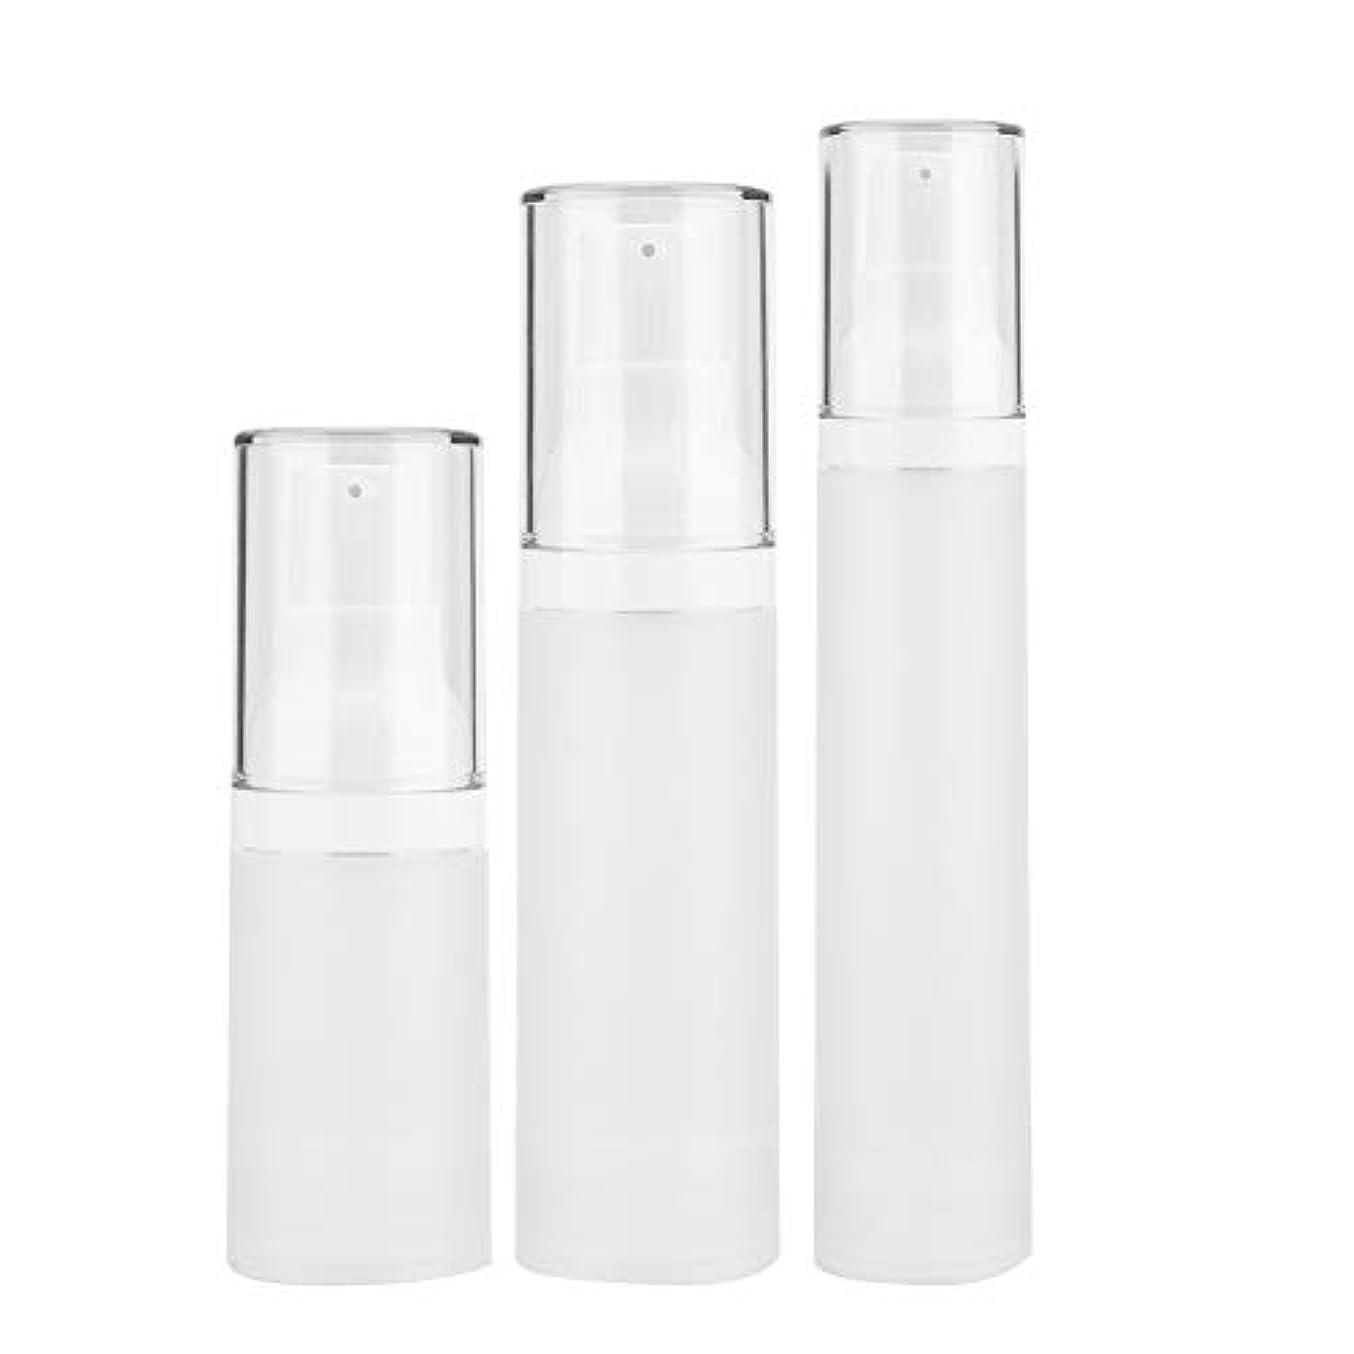 汚れる基礎赤道3本入りトラベルボトルセット - 化粧品旅行用容器、化粧品容器が空の化粧品容器付きペットボトル - シャンプーとスプレー用(3 pcs)